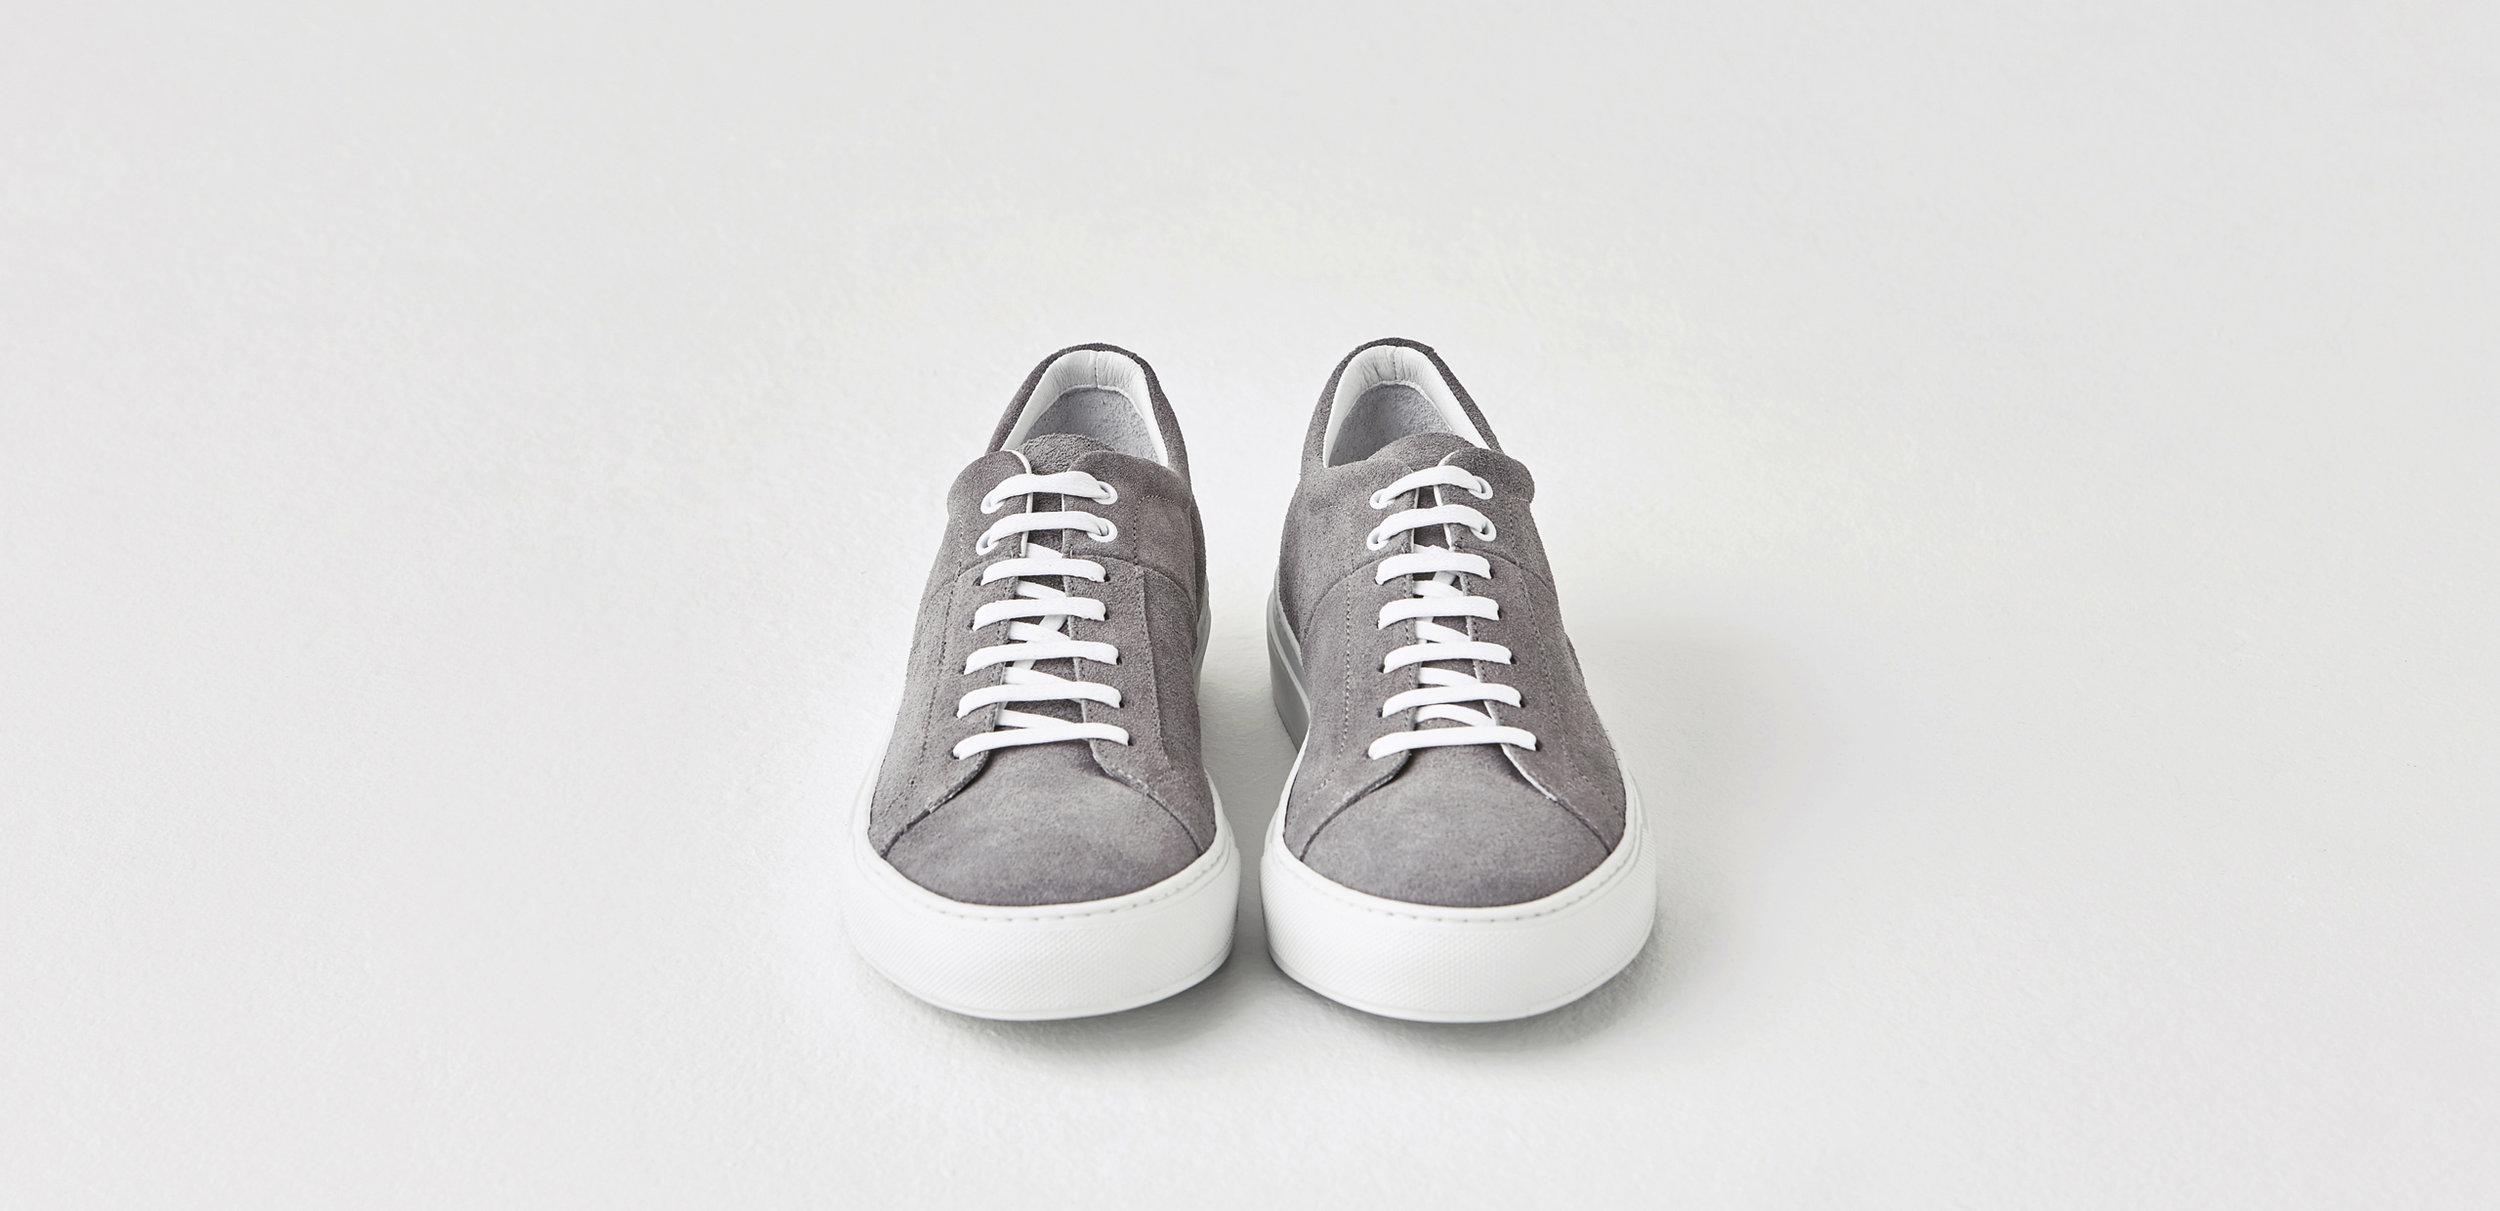 blucher01-suede-gray-02.jpg